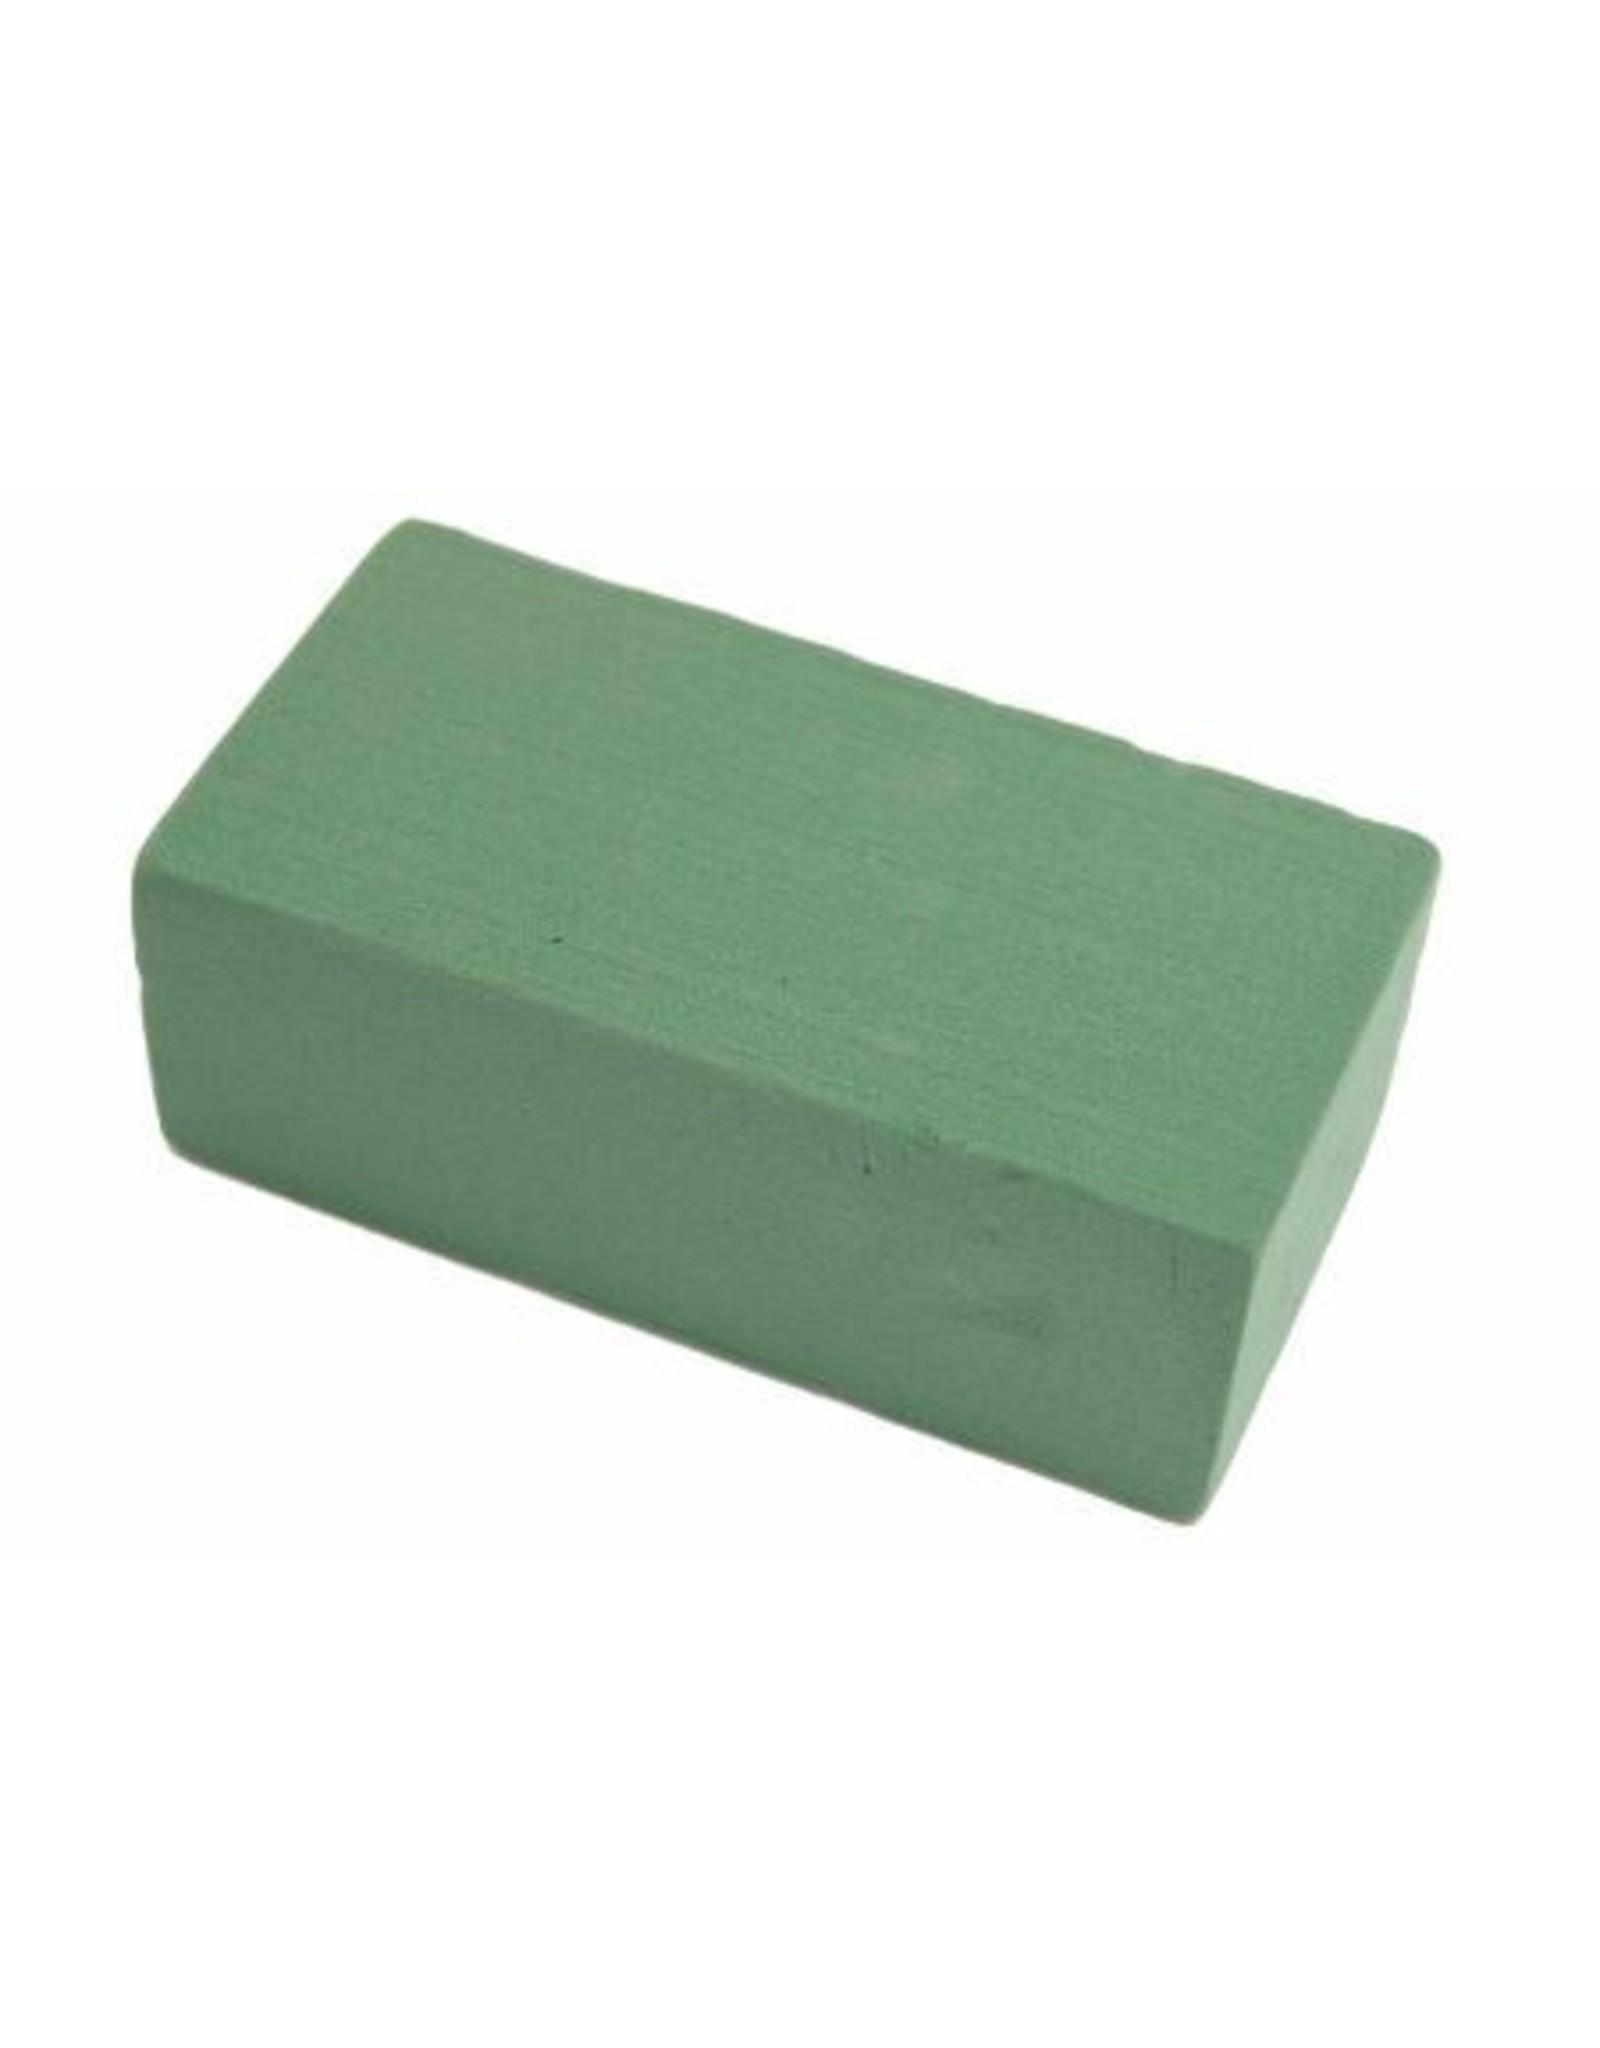 HD Basic Brick Foam L20.0w10.0h7.5 x 20